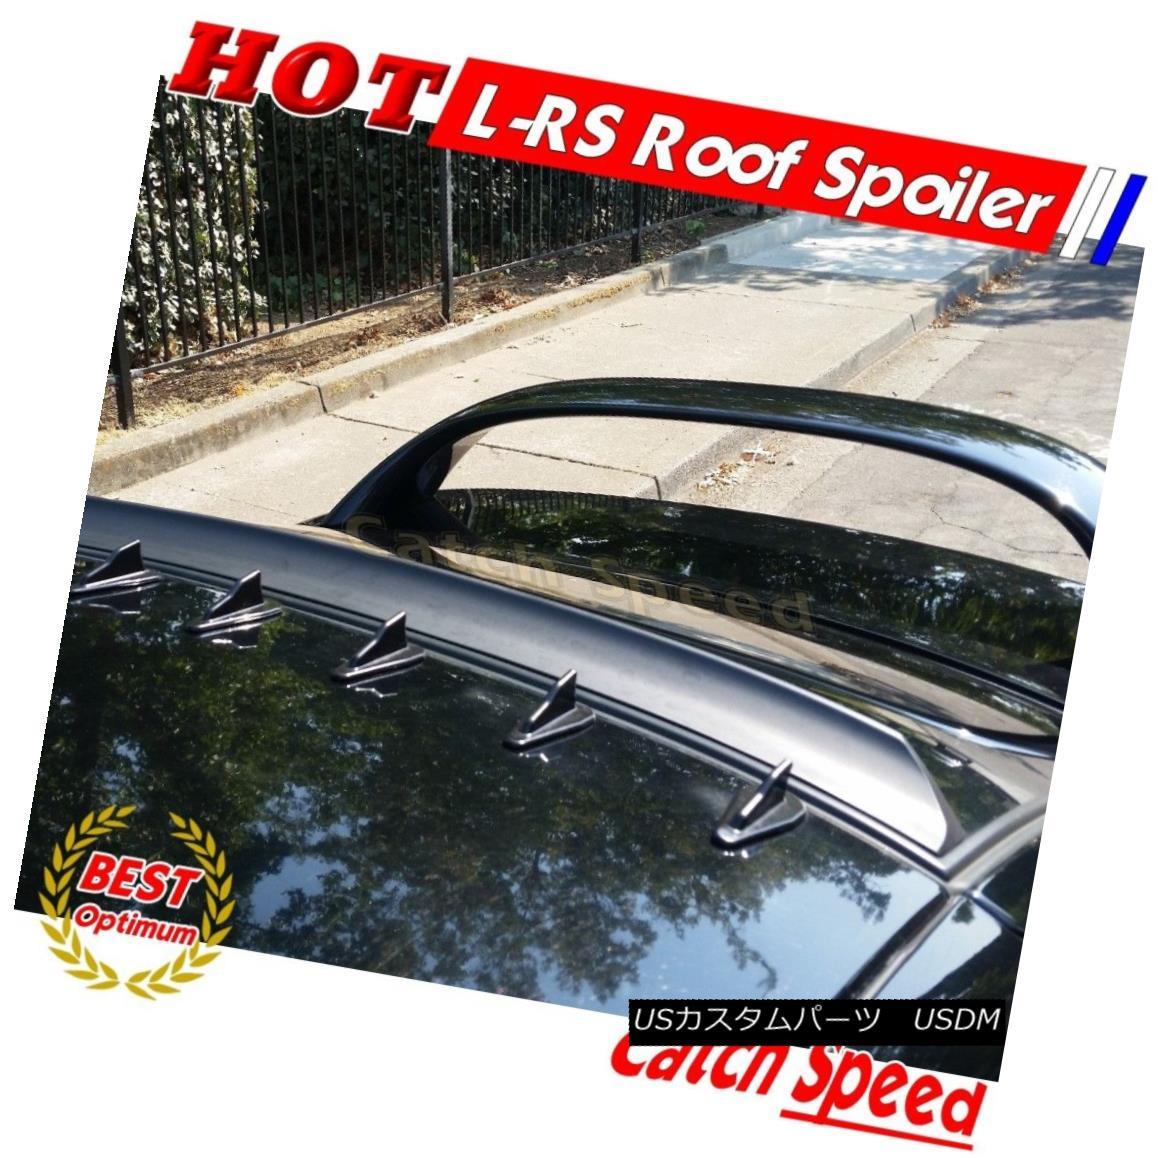 エアロパーツ Flat Black LRS Type Rear Roof Spoiler Wing For Honda Accord Coupe 2008-2012 ? ホンダアコードクーペのフラットブラックLRSタイプリアルーフスポイラーウイング2008-2012?